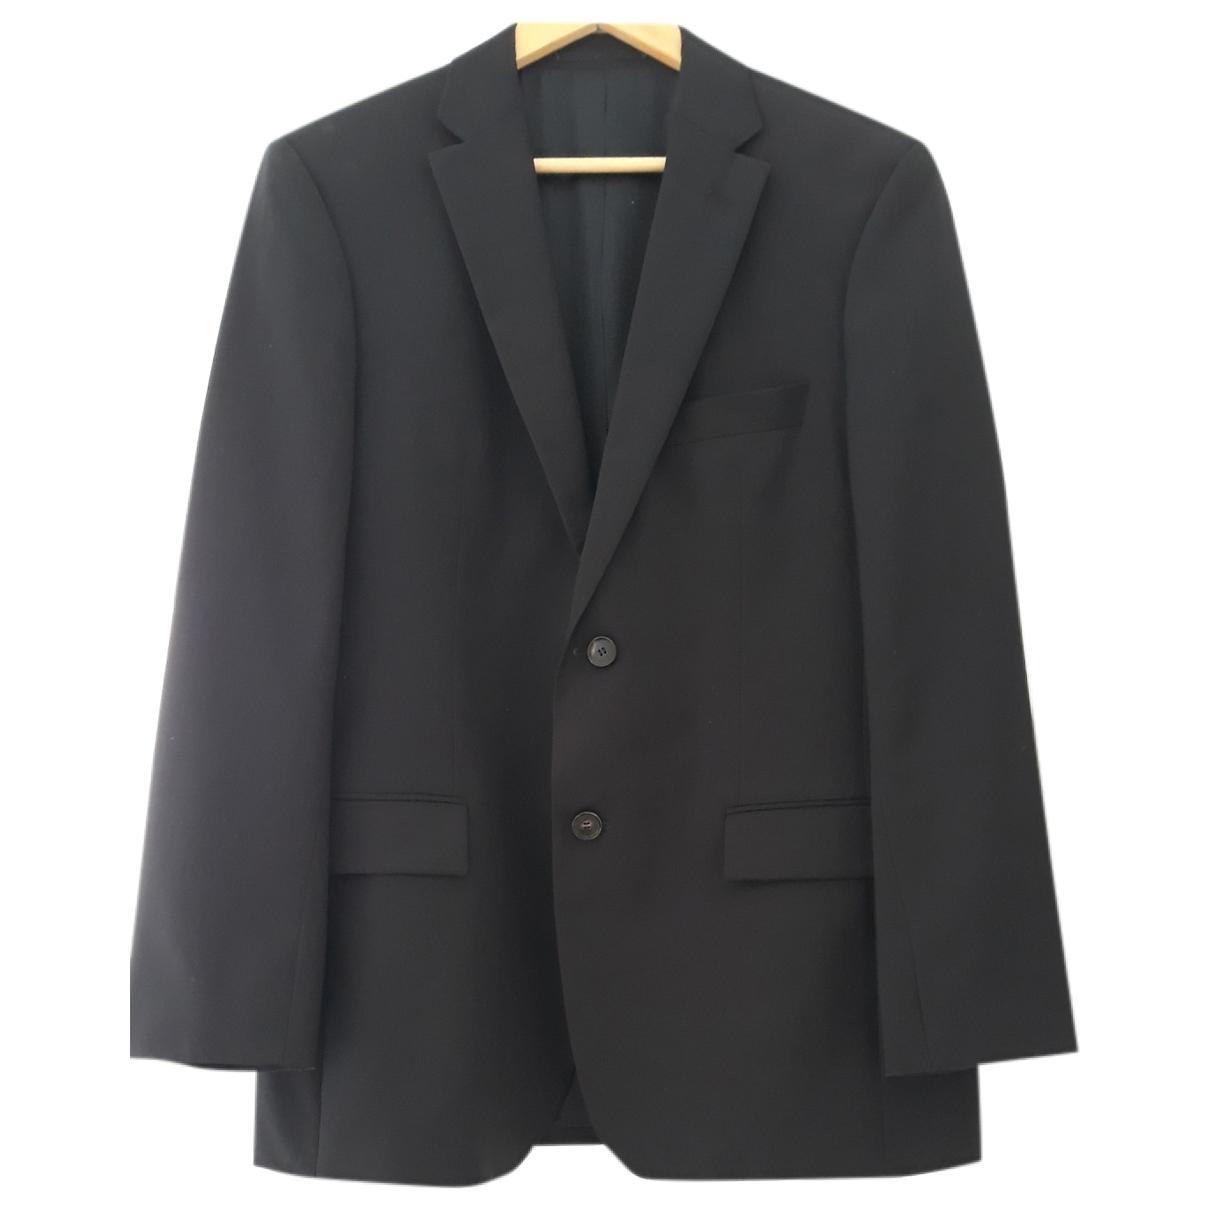 Hugo Boss - Vestes.Blousons   pour homme en laine - noir